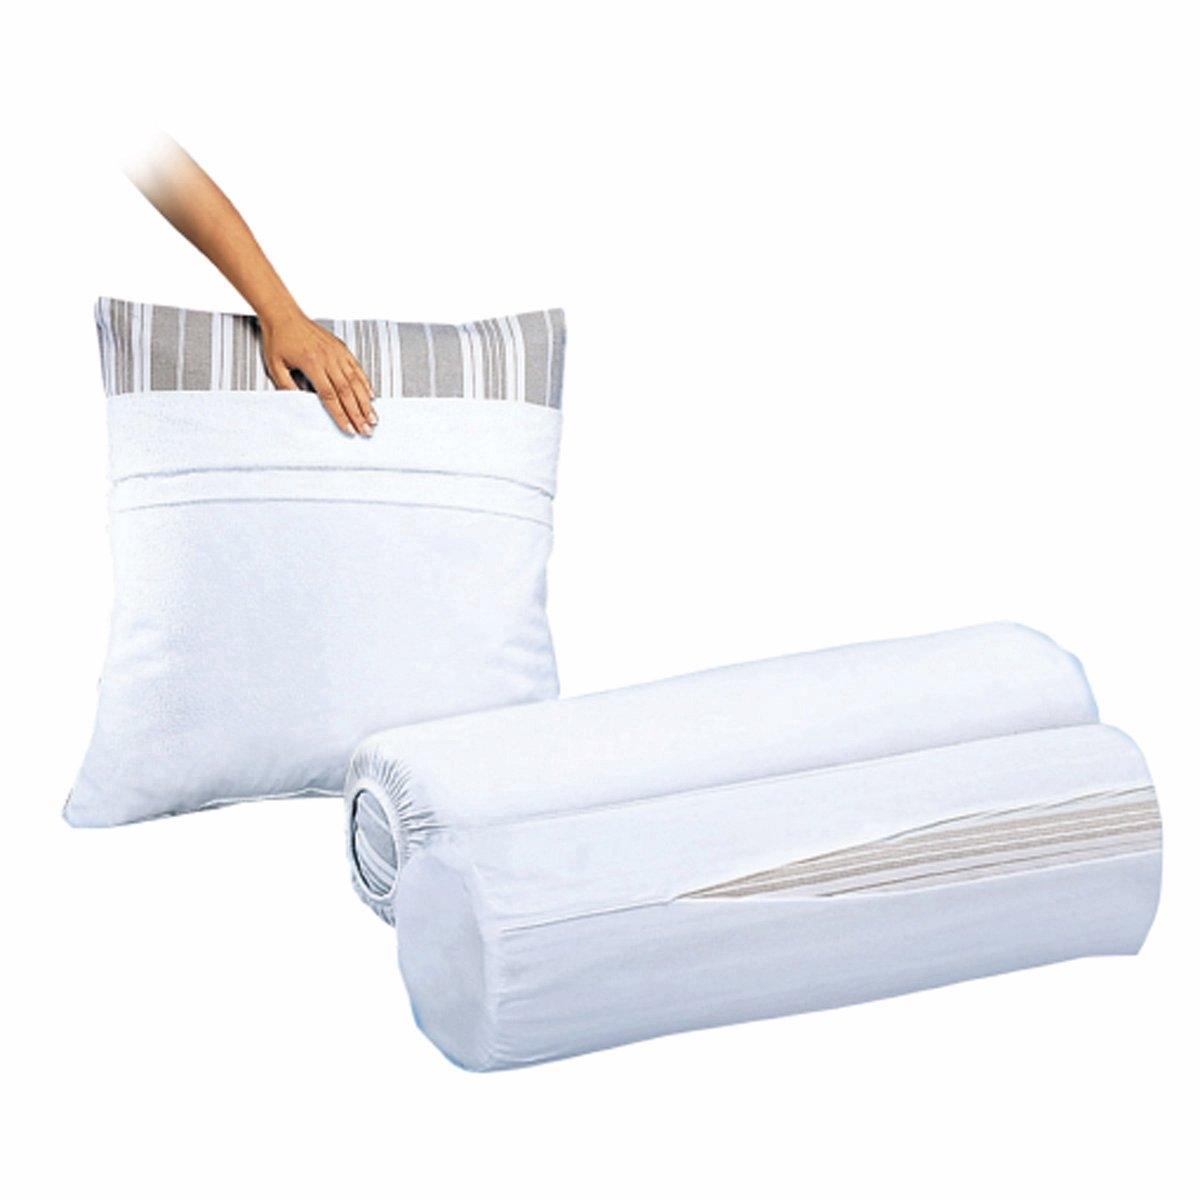 2 чехла защитных для подушек от La Redoute